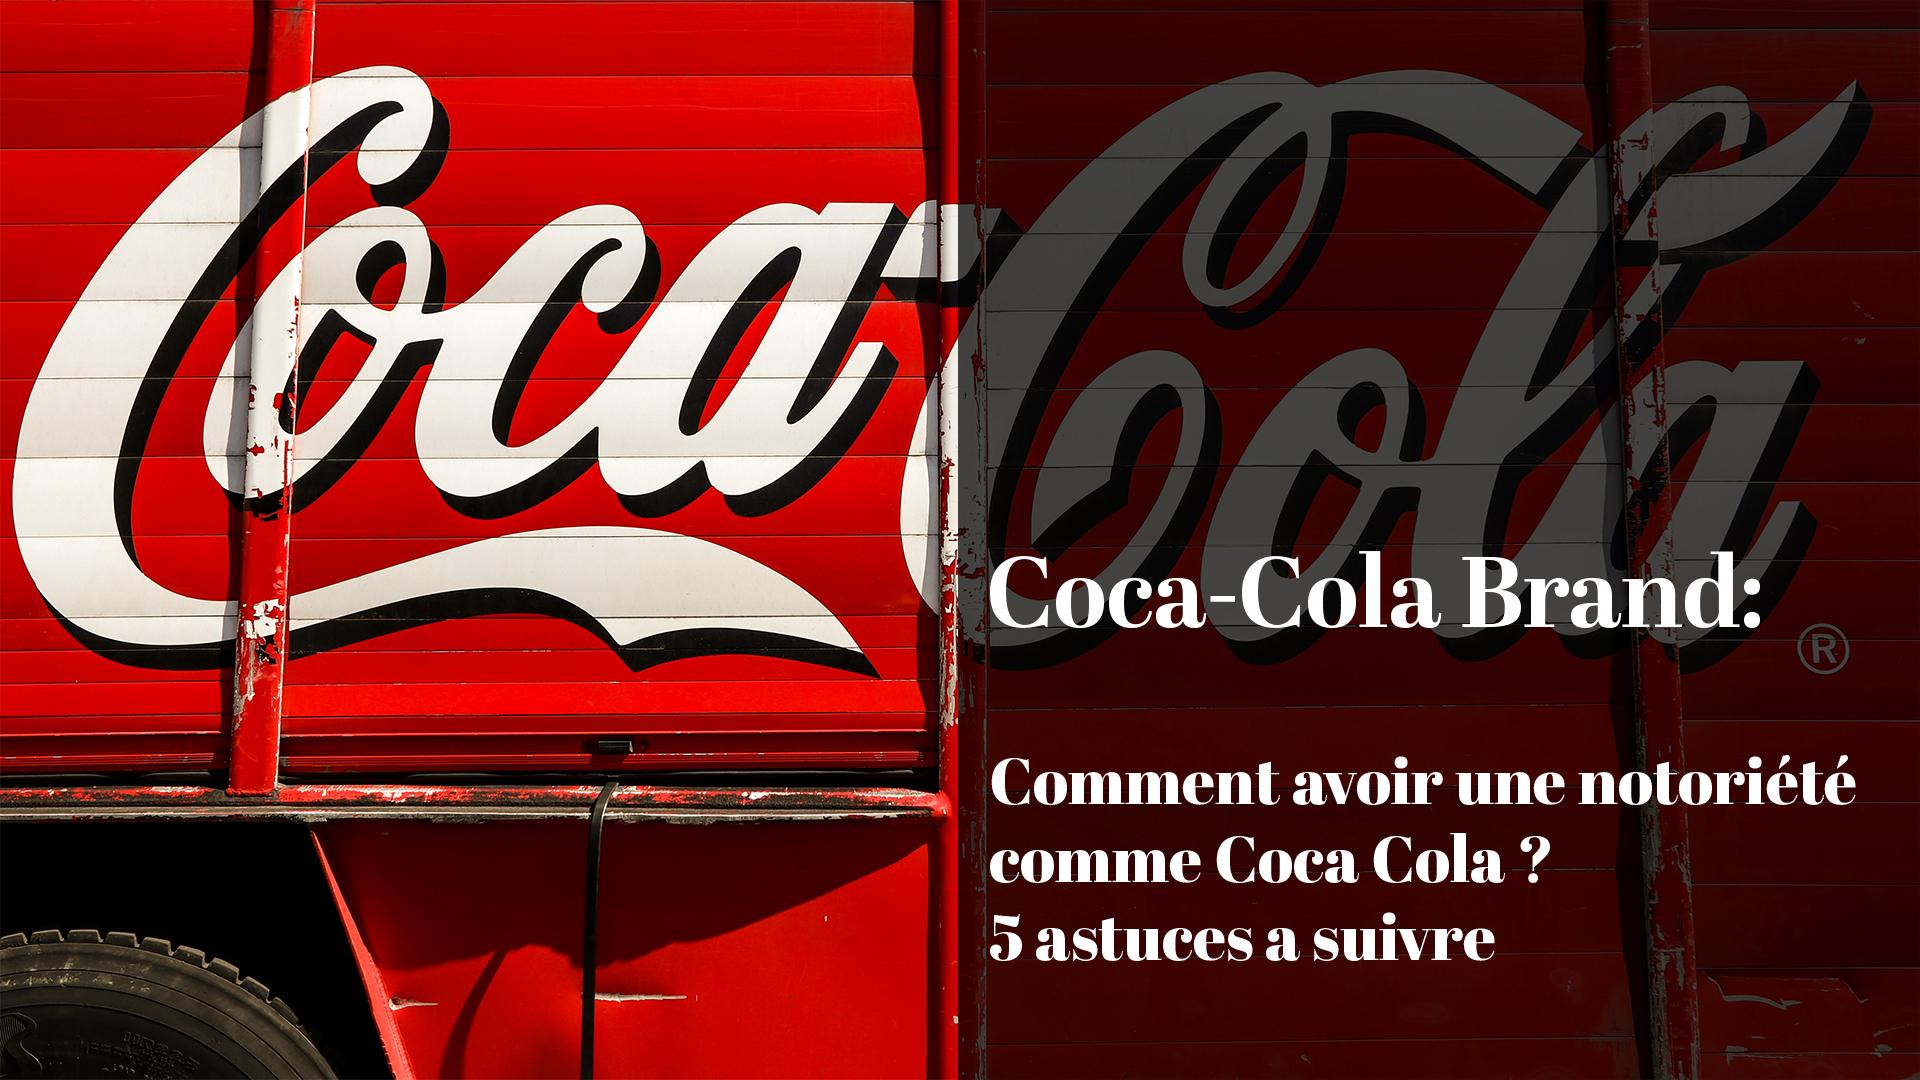 Comment avoir une notoriété comme Coca-Cola ? 5 astuces à suivre...